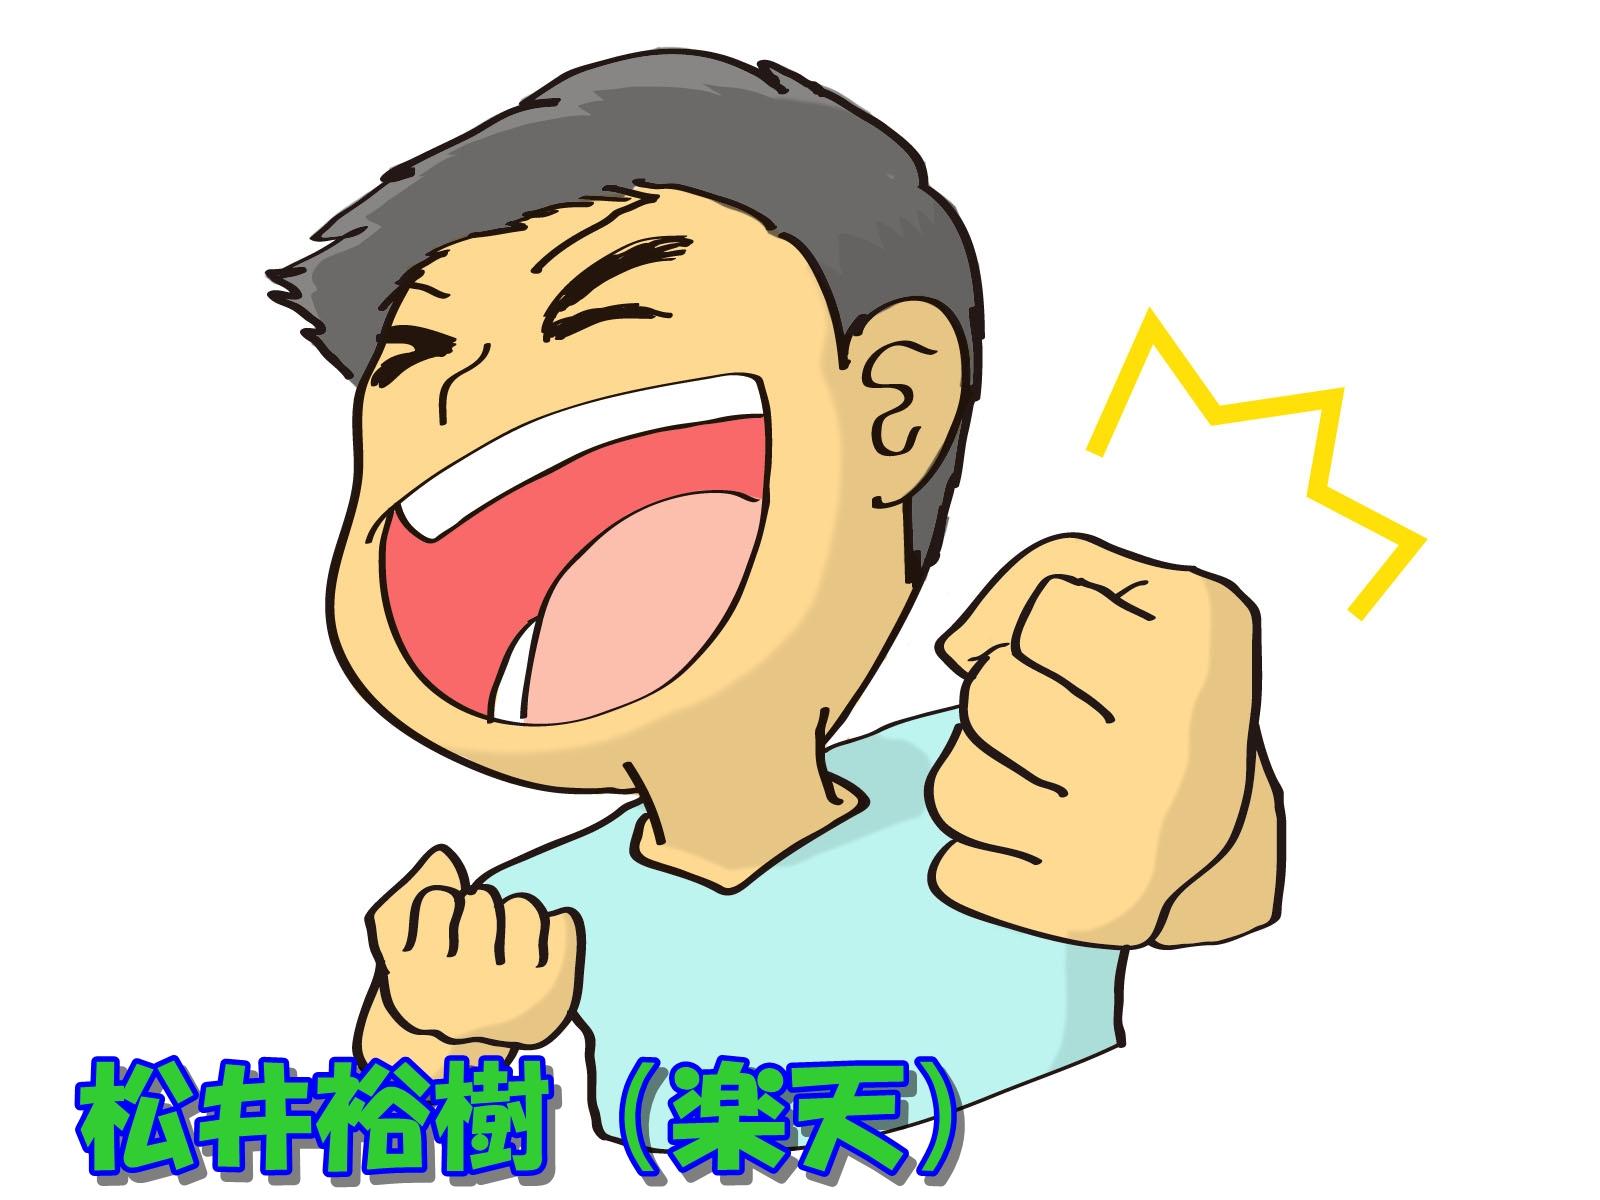 松井裕樹(楽天)の球種や投球スタイルは?なぜ勝てないのか?